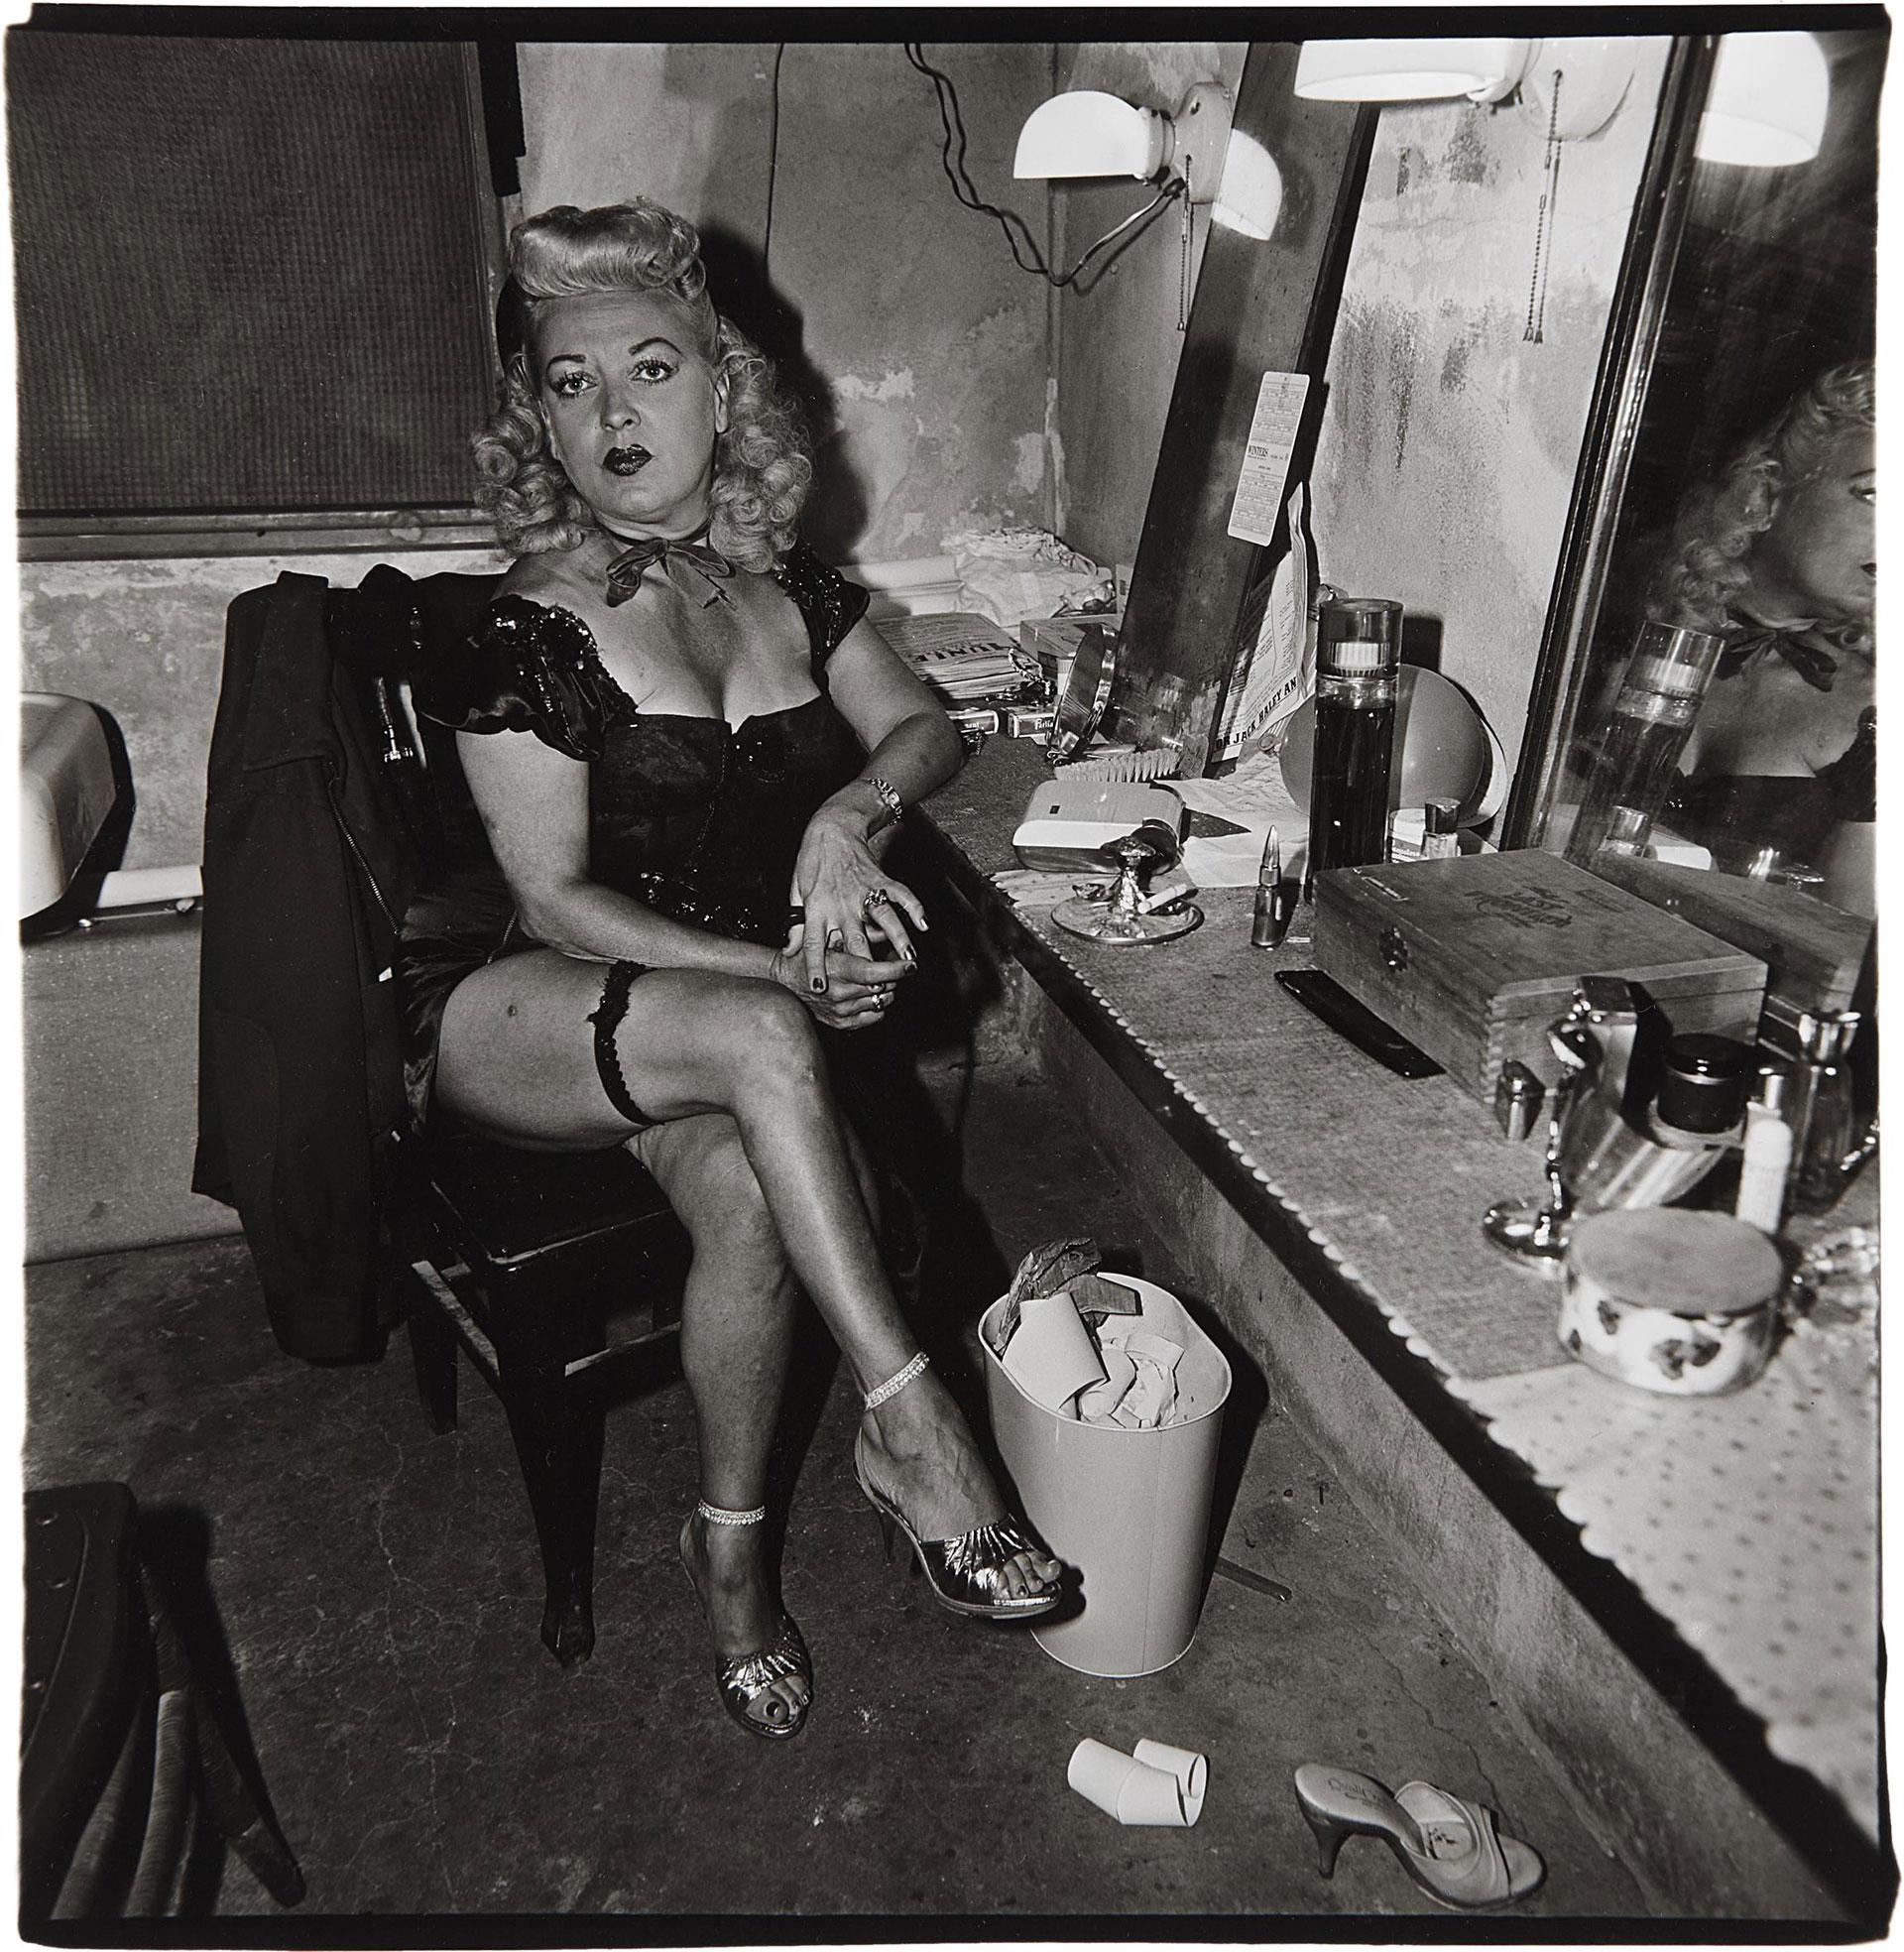 Comediante en su camerino, Atlantic City, 1963.